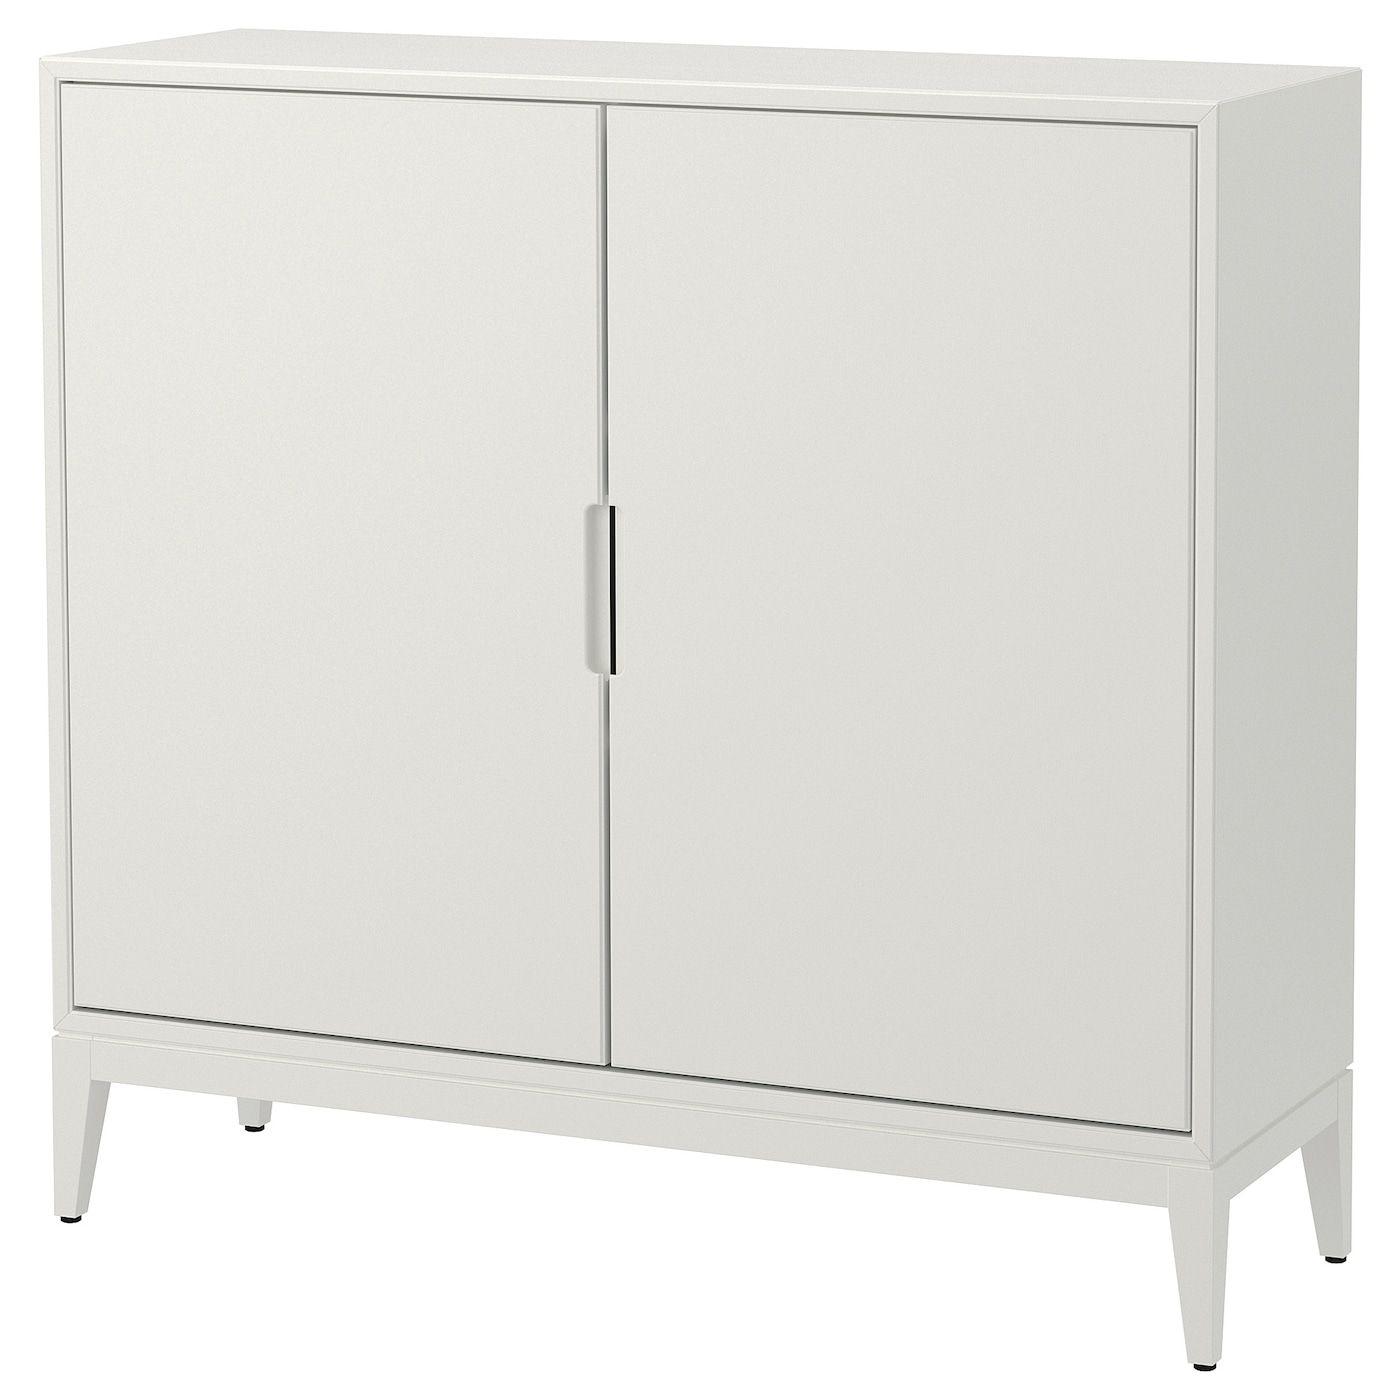 Regissor Cabinet White 46 1 2x43 1 4 Ikea Ikea Ps Cabinet Ikea Cabinet [ 1400 x 1400 Pixel ]